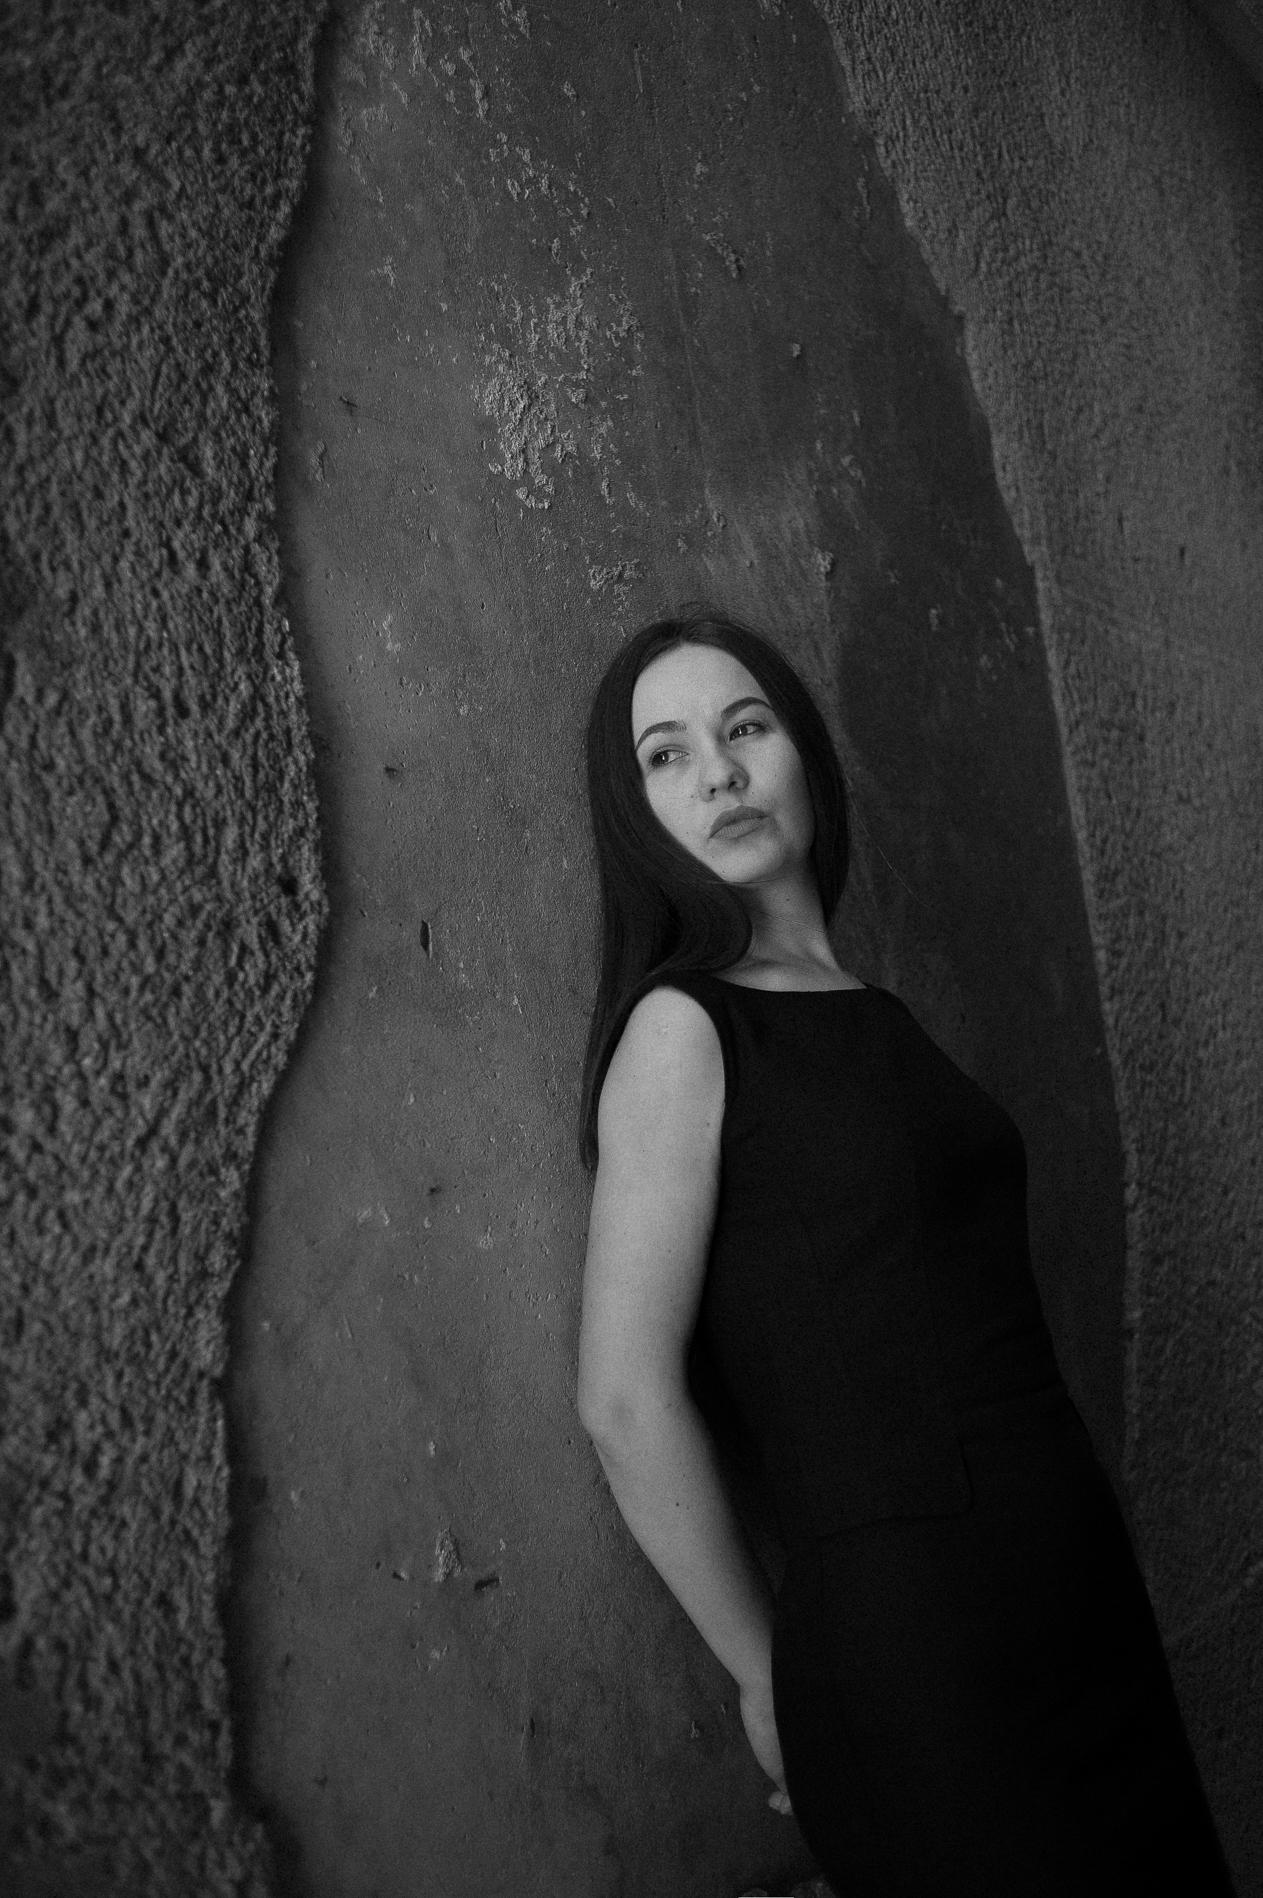 mihaela-chiu_1